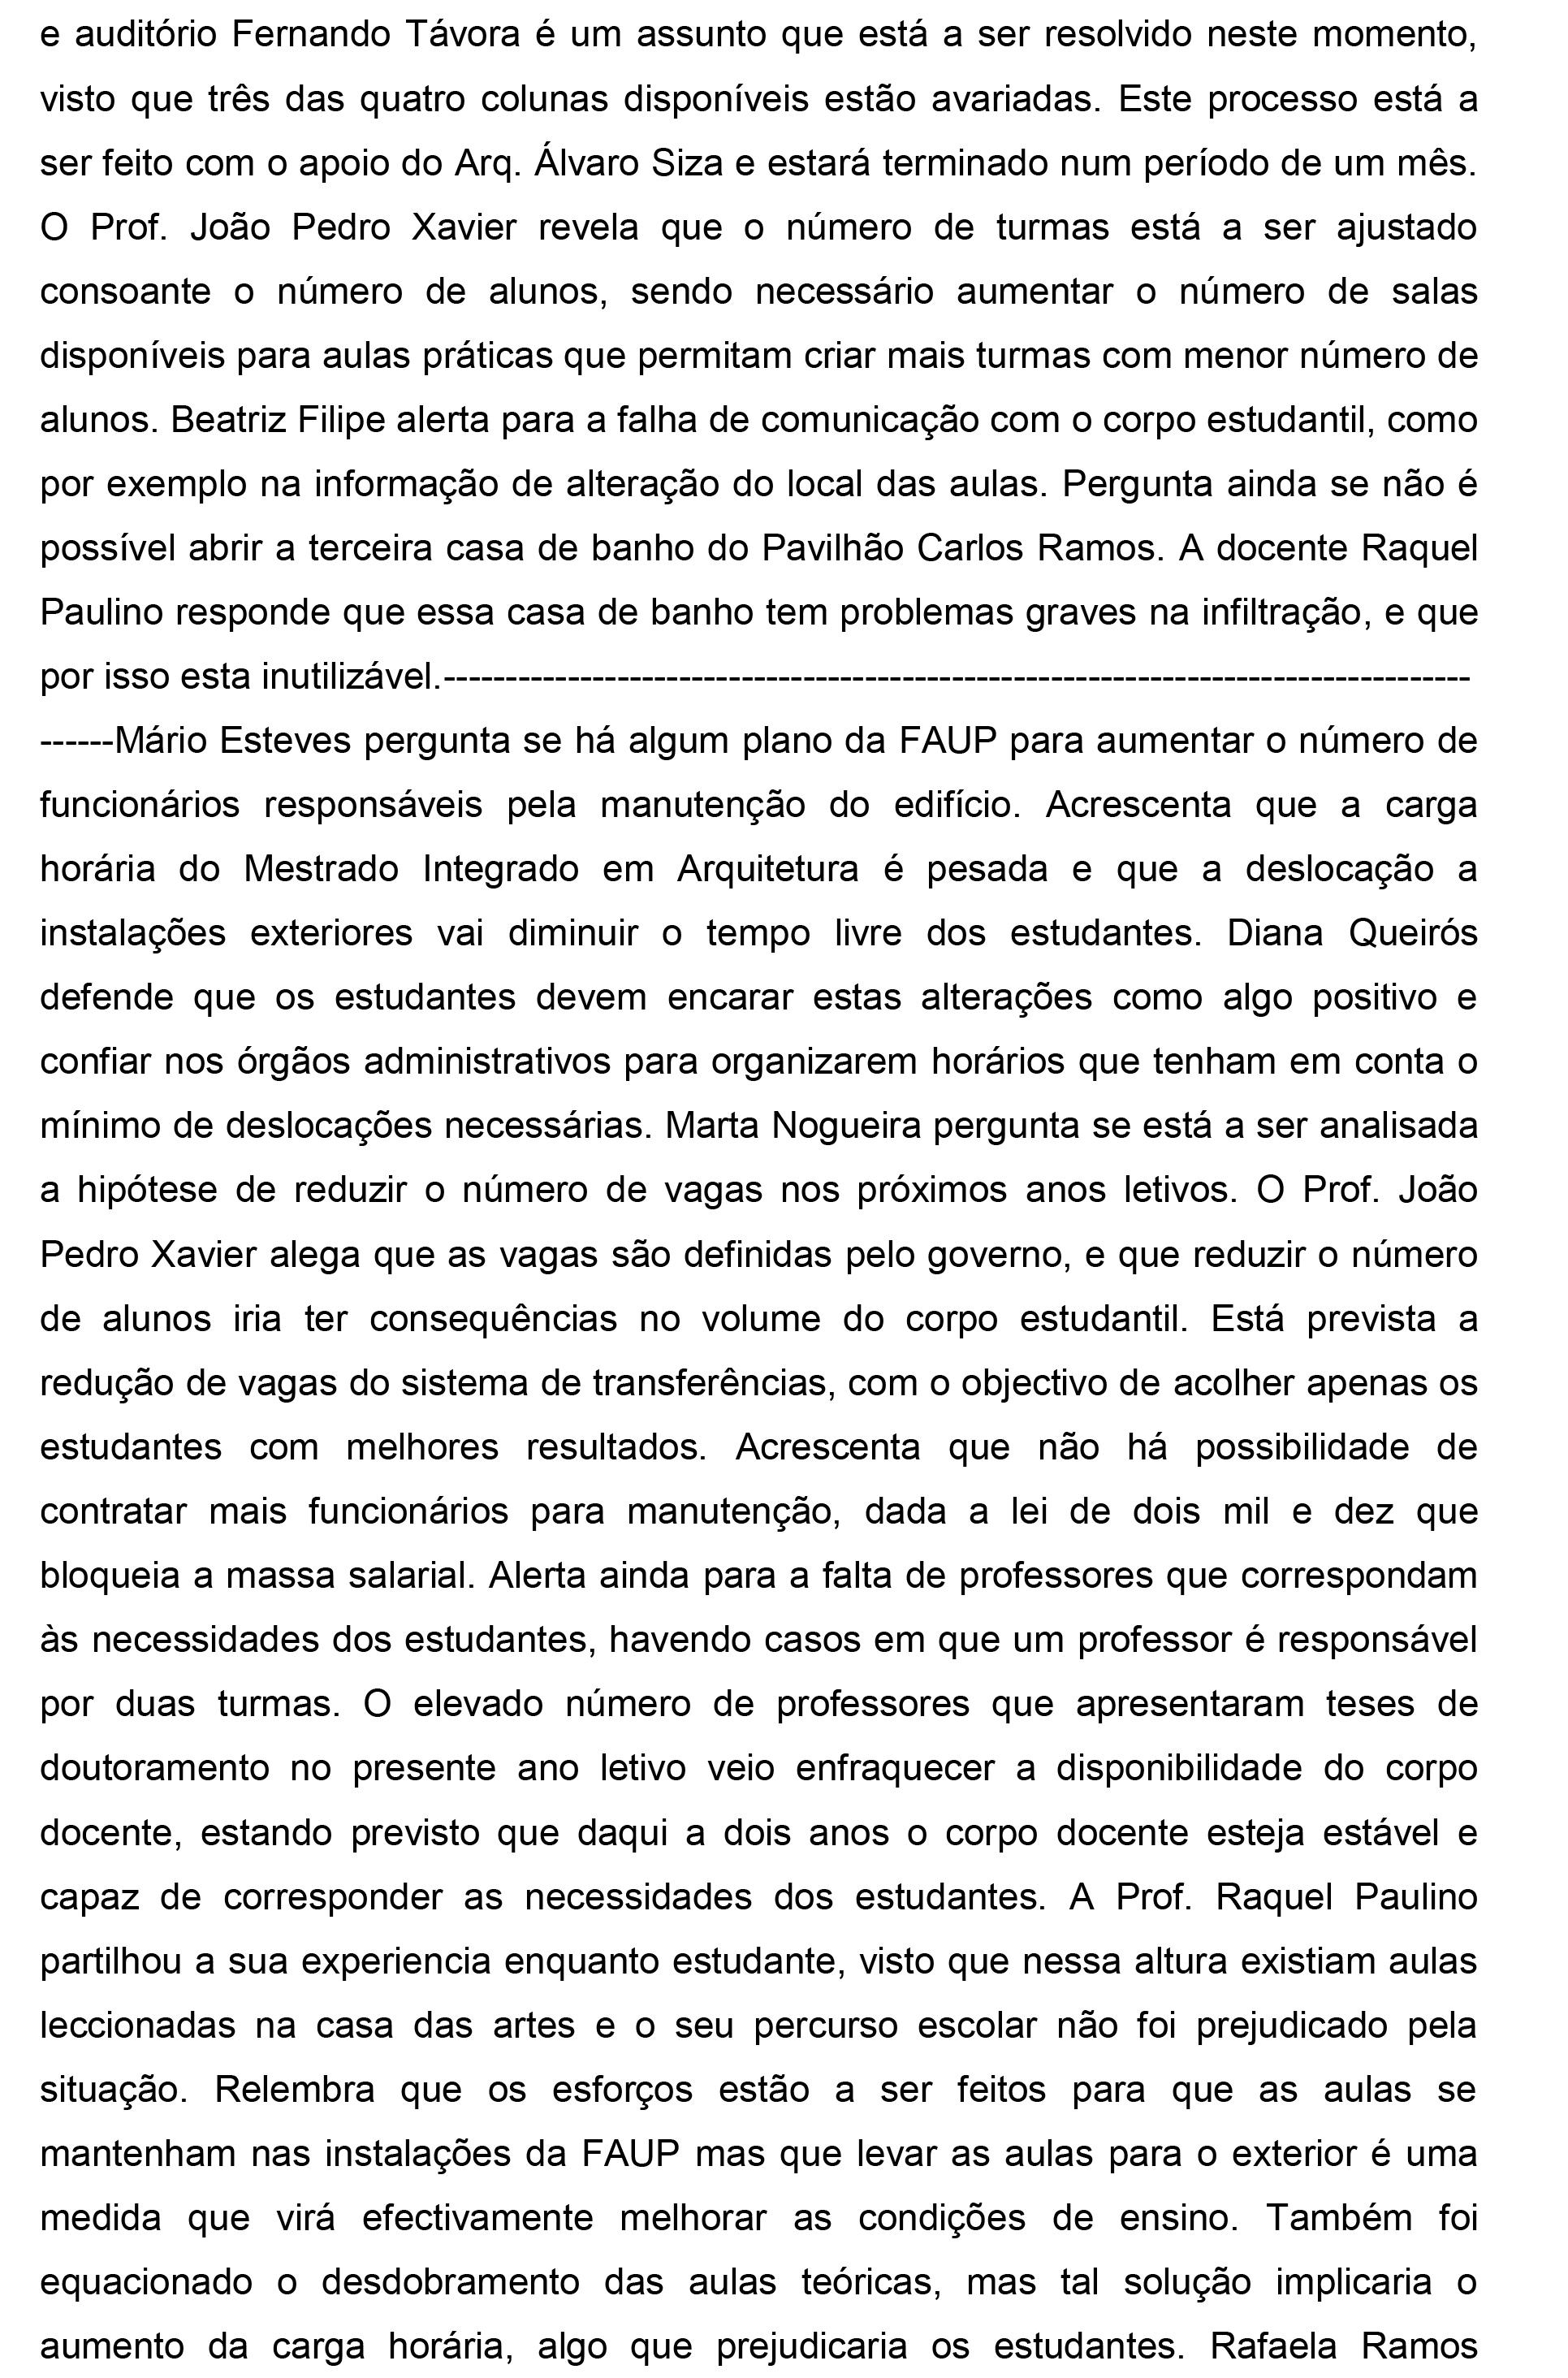 Acta 28 de Outrubro de 2014 -  Esclarecimento do estado das instalações-5.jpg